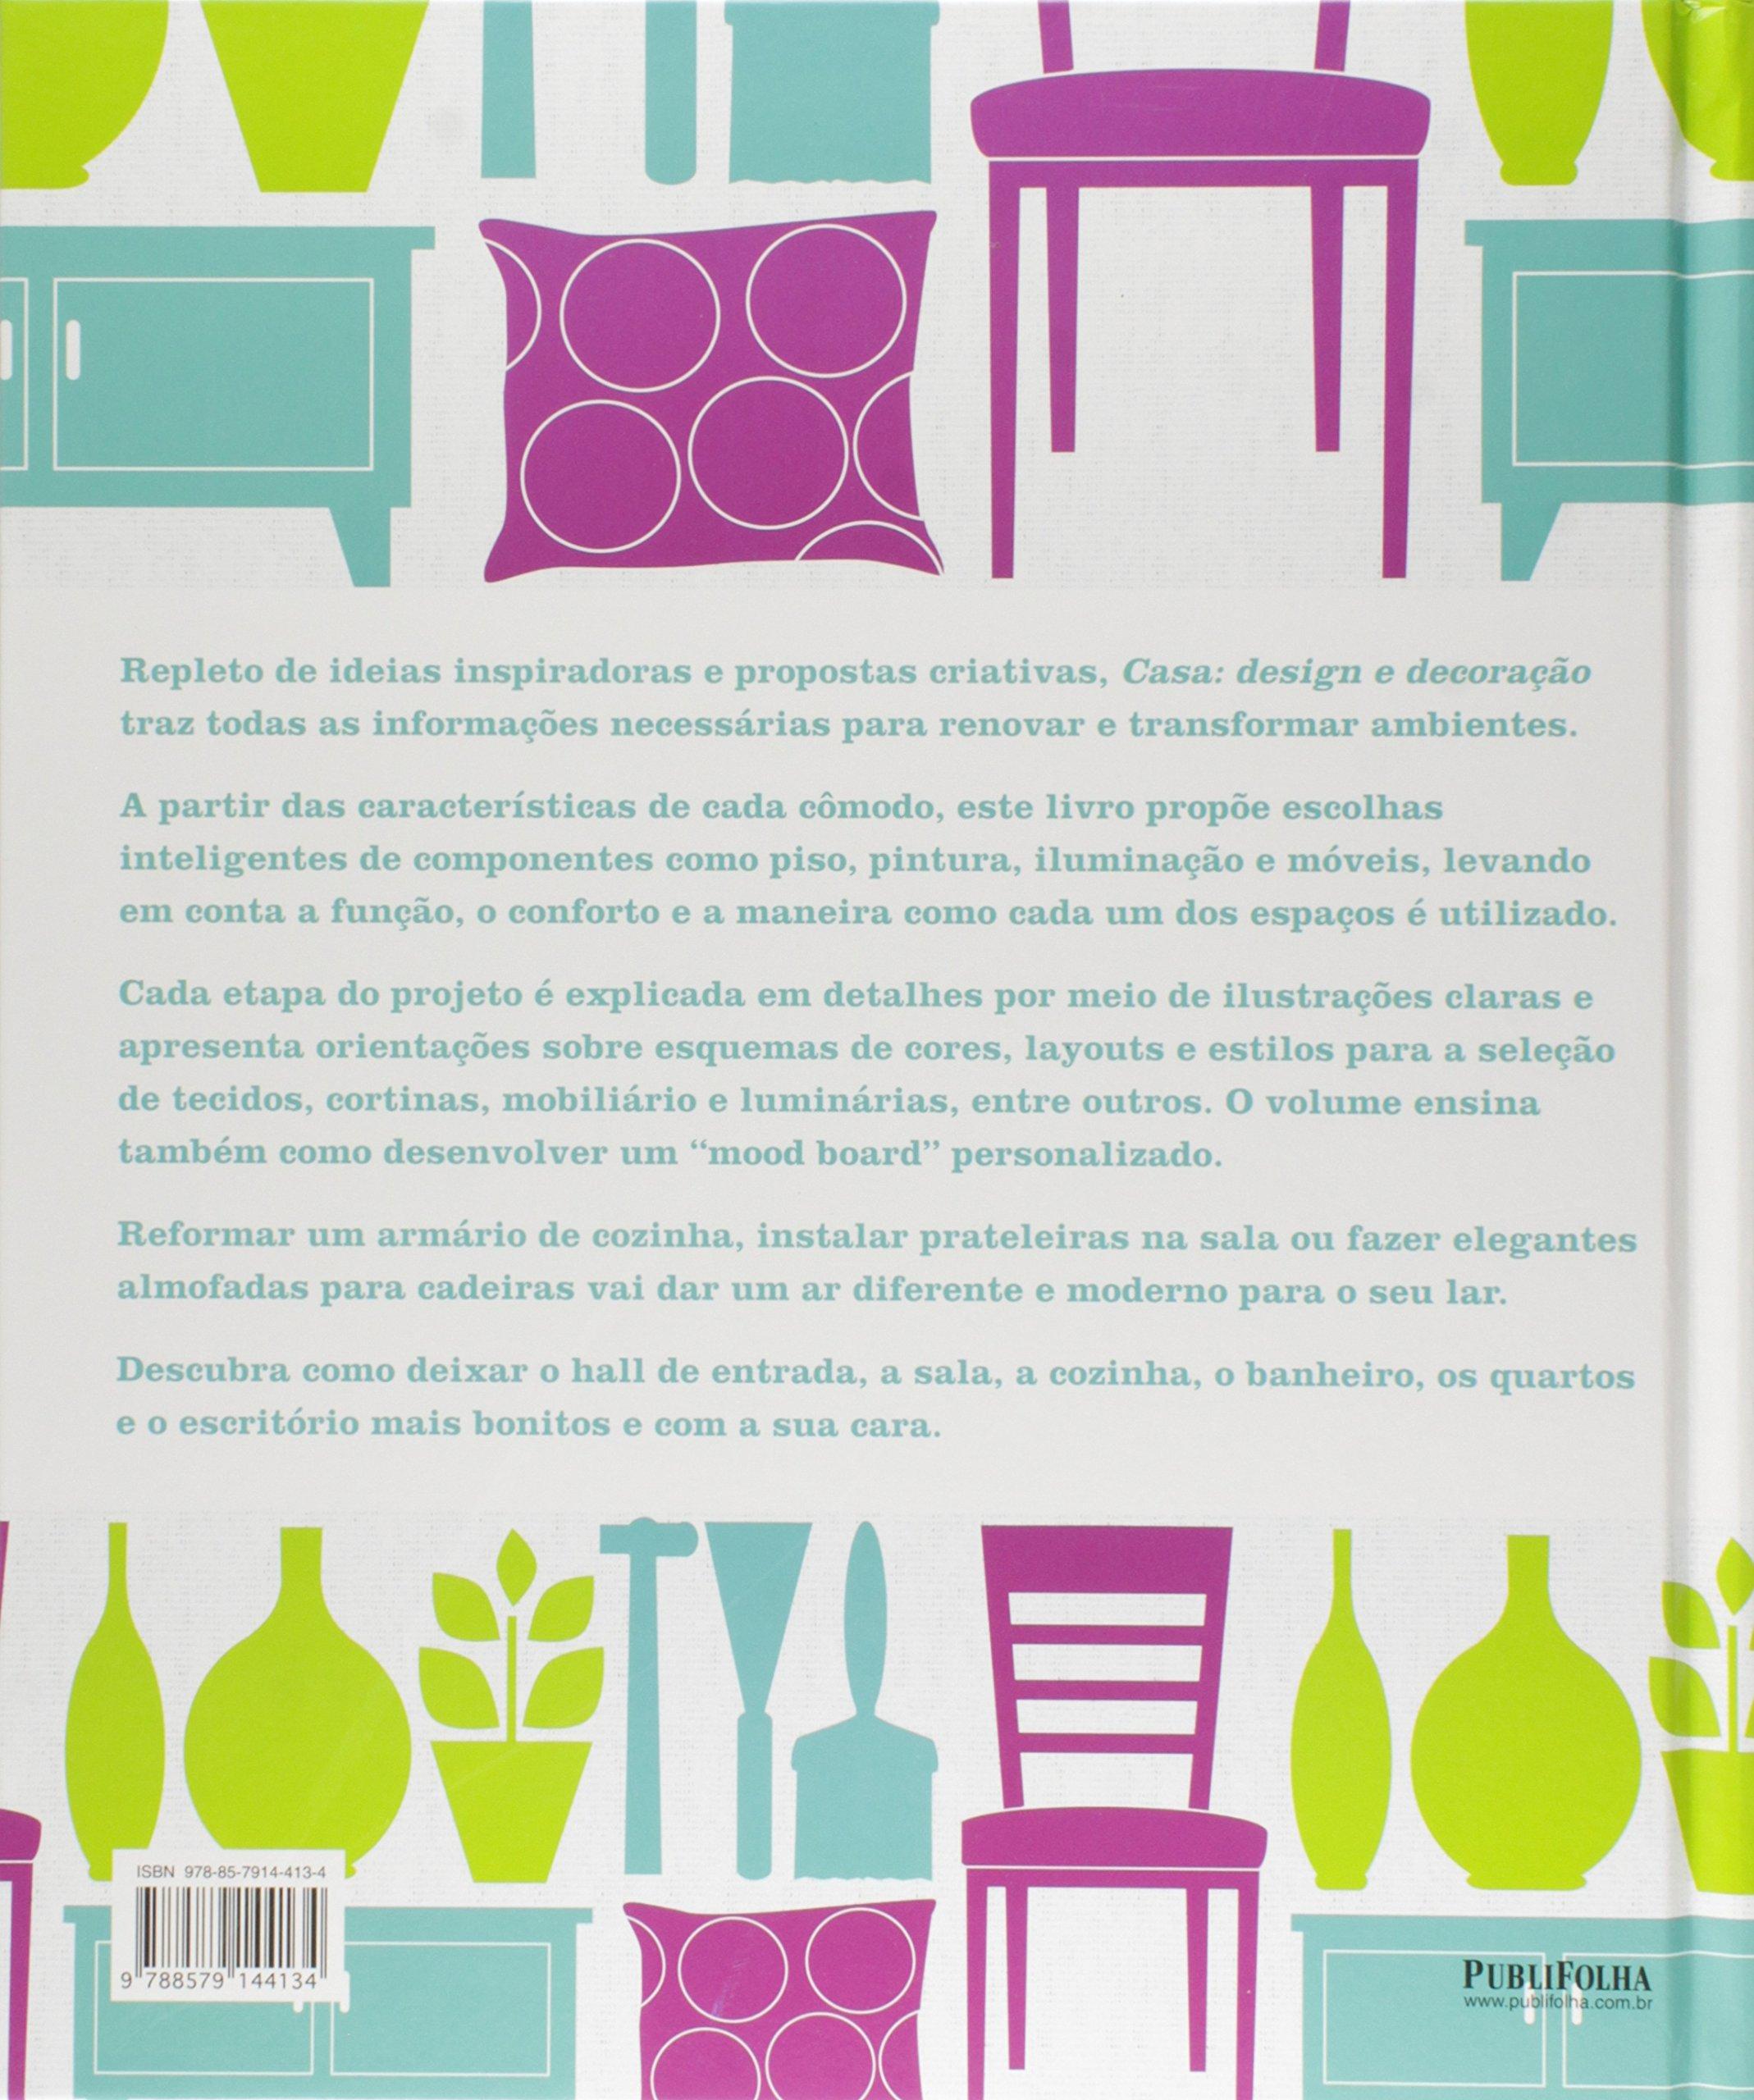 Solu Es Passo A Passo Para Renovar Ambientes Casa Design E